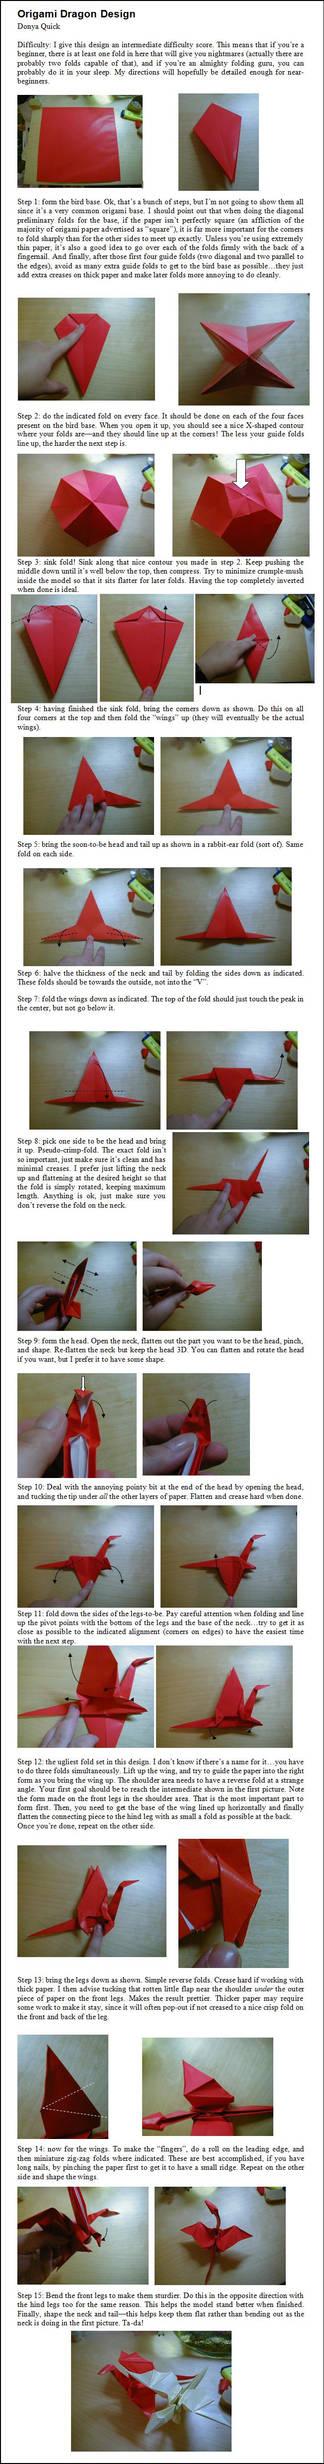 origami 3 headed dragon | Оригами, Древнее искусство, Искусство | 2464x324